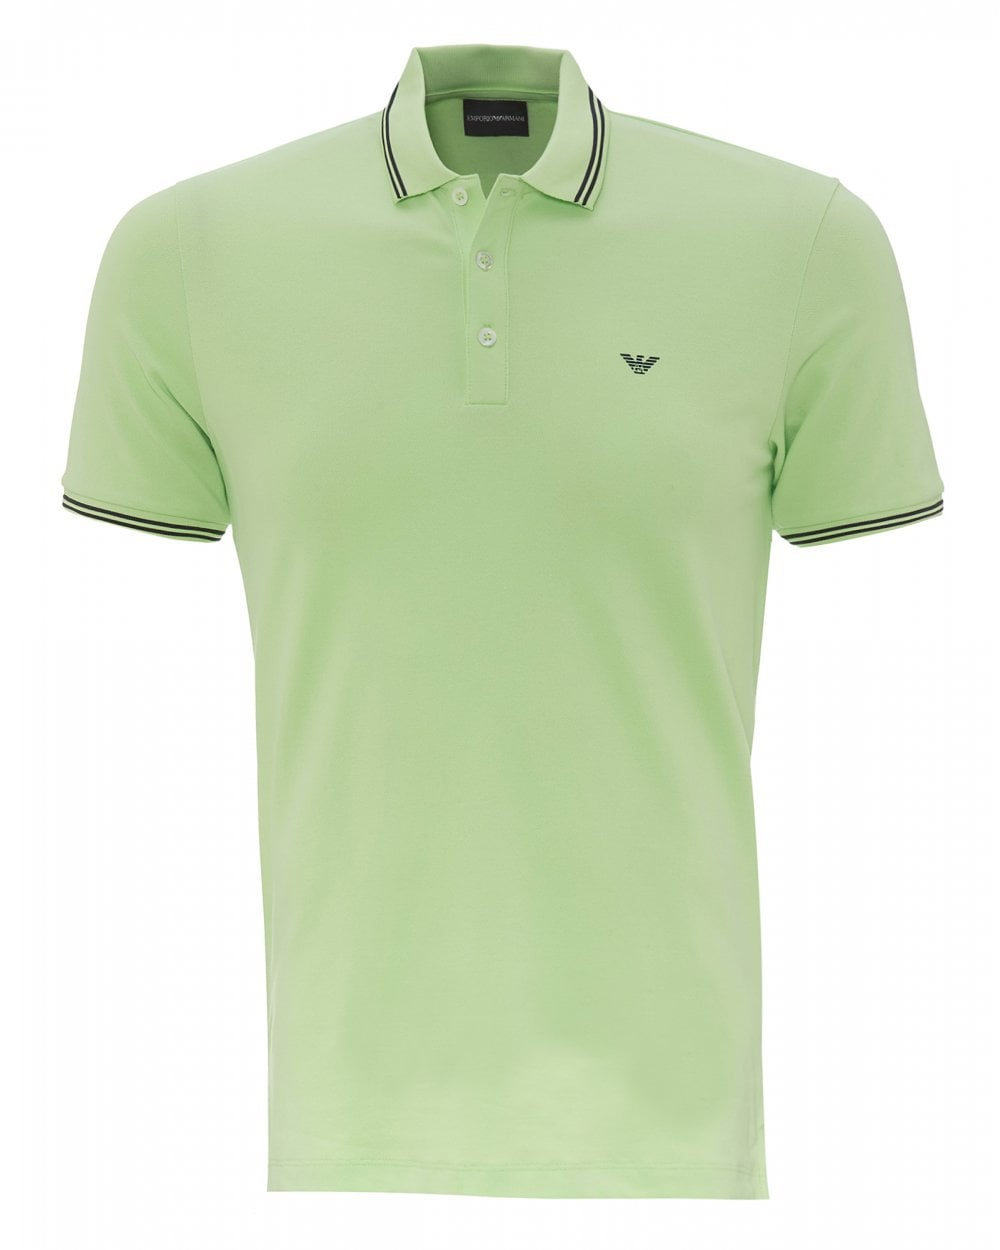 73713a34a9 Mens Tipped Collar & Cuff Polo Shirt, Modern Fit Green Polo